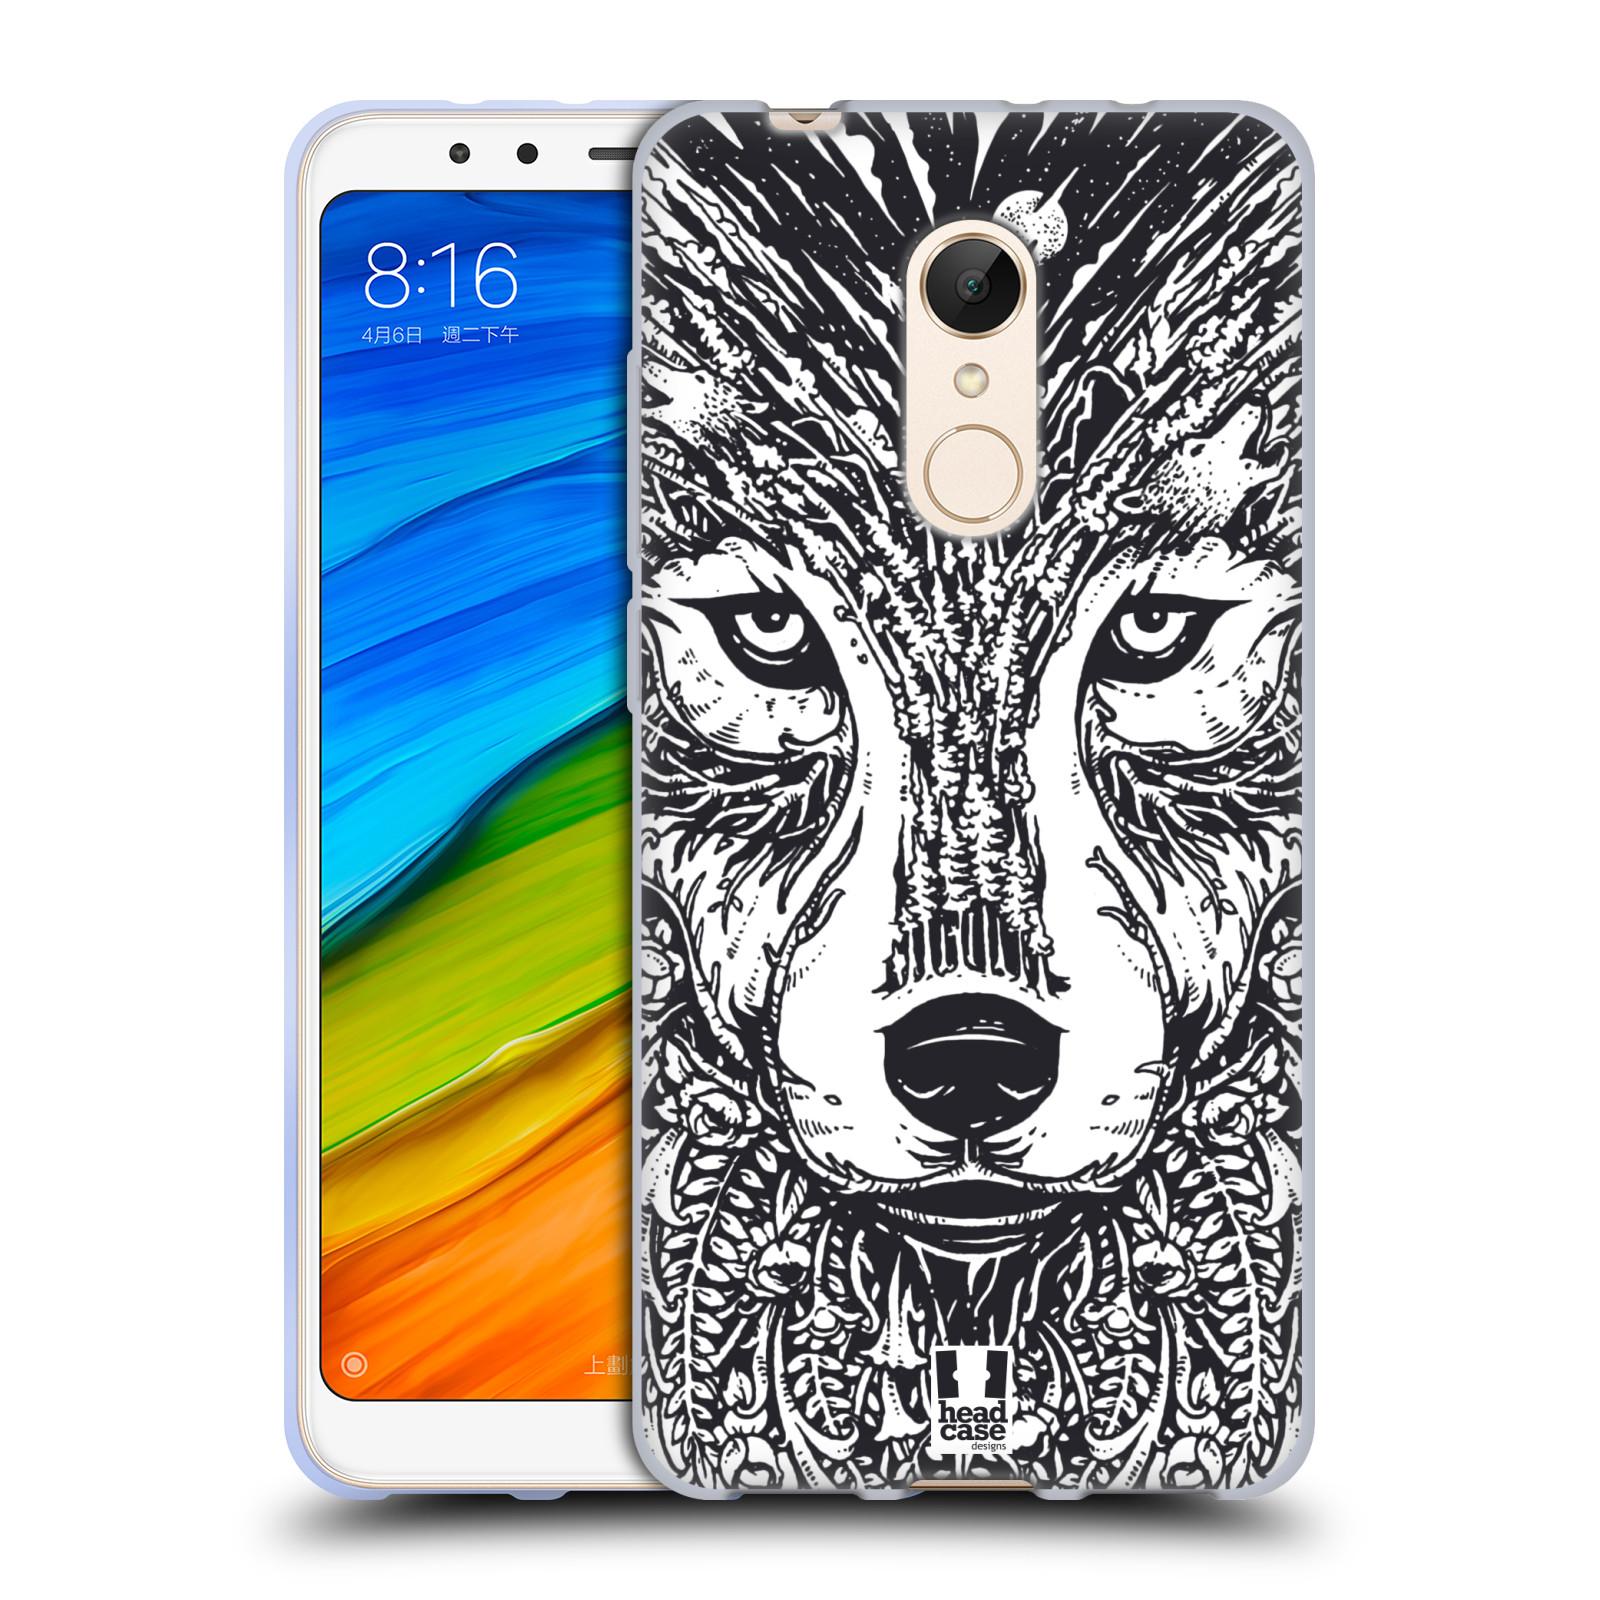 Silikonové pouzdro na mobil Xiaomi Redmi 5 - Head Case - DOODLE TVÁŘ VLK (Silikonový kryt či obal na mobilní telefon Xiaomi Redmi 5 s motivem DOODLE TVÁŘ VLK)